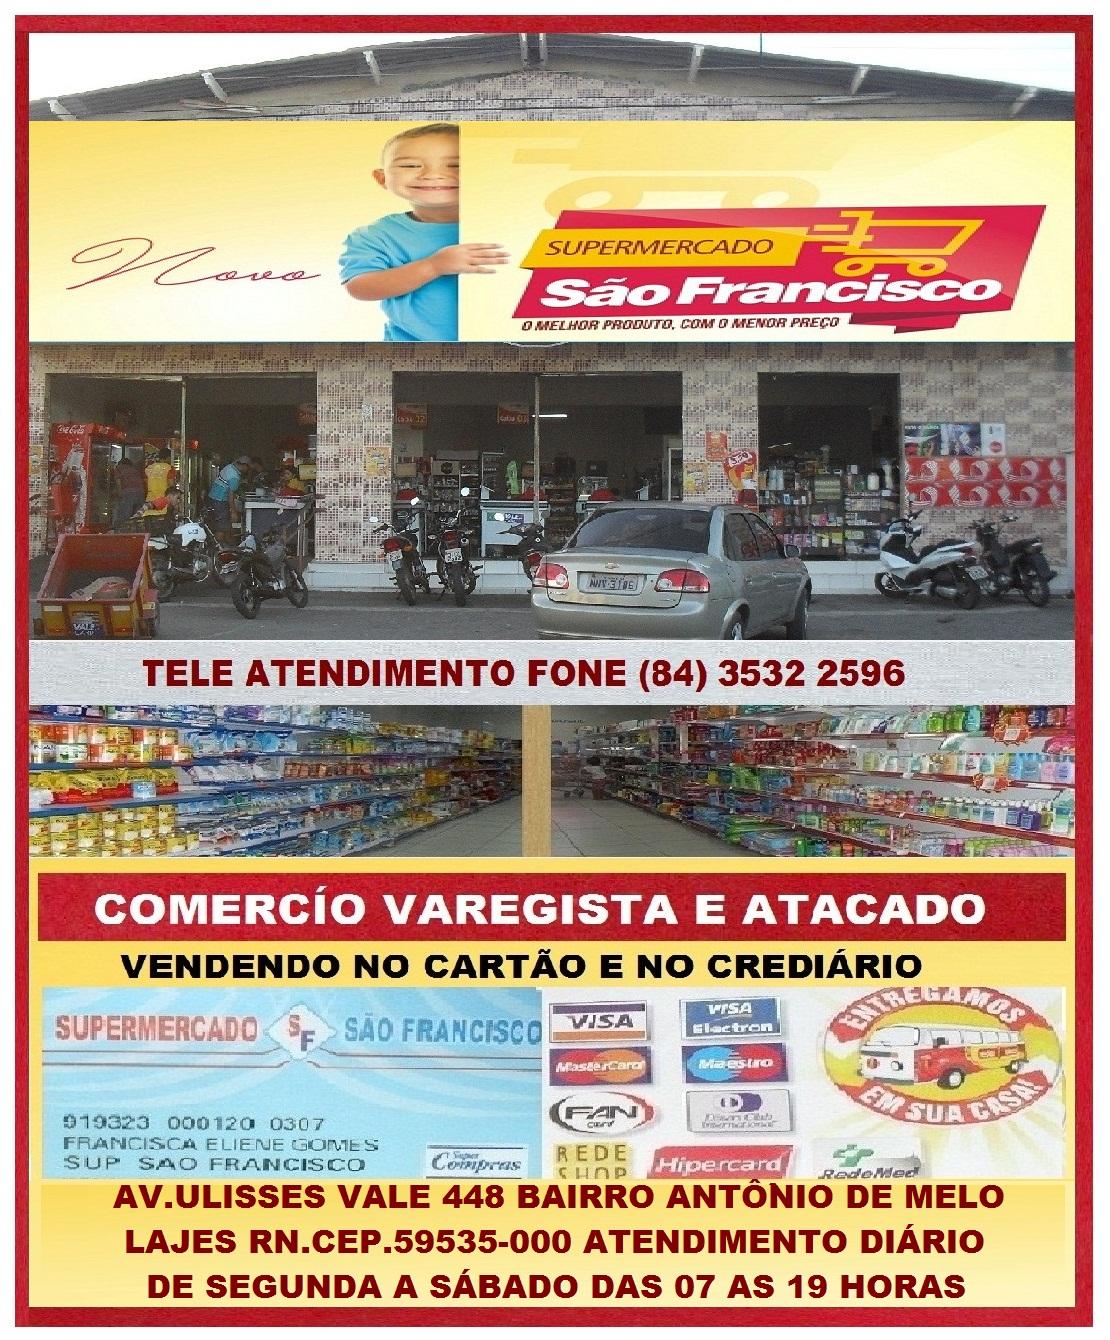 SUPERMERCADO SÃO FRANCISCO LAJES RN